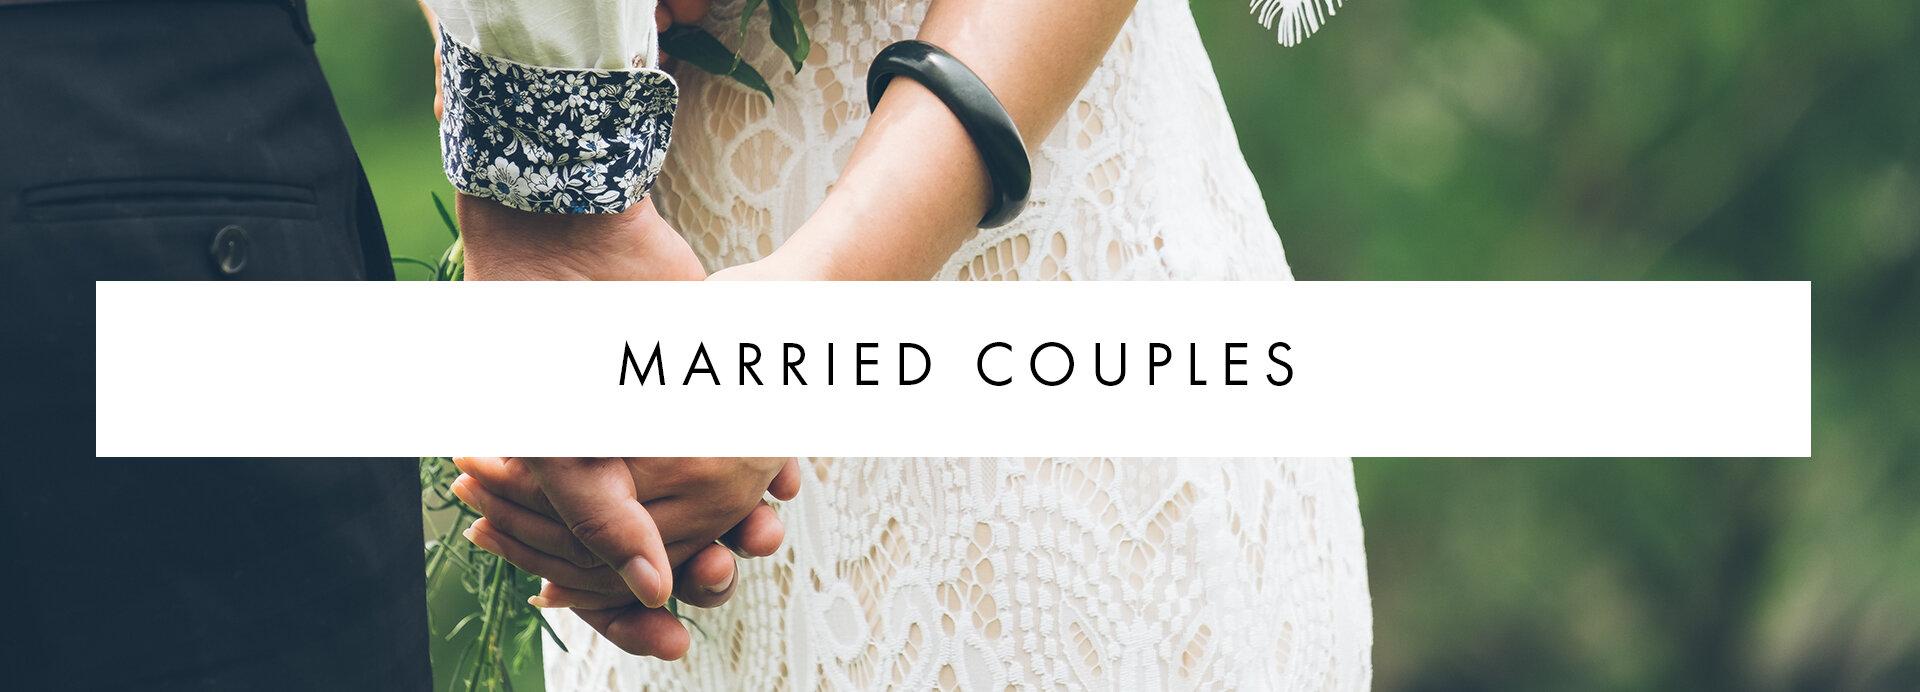 MarriedCouples_banner.jpg